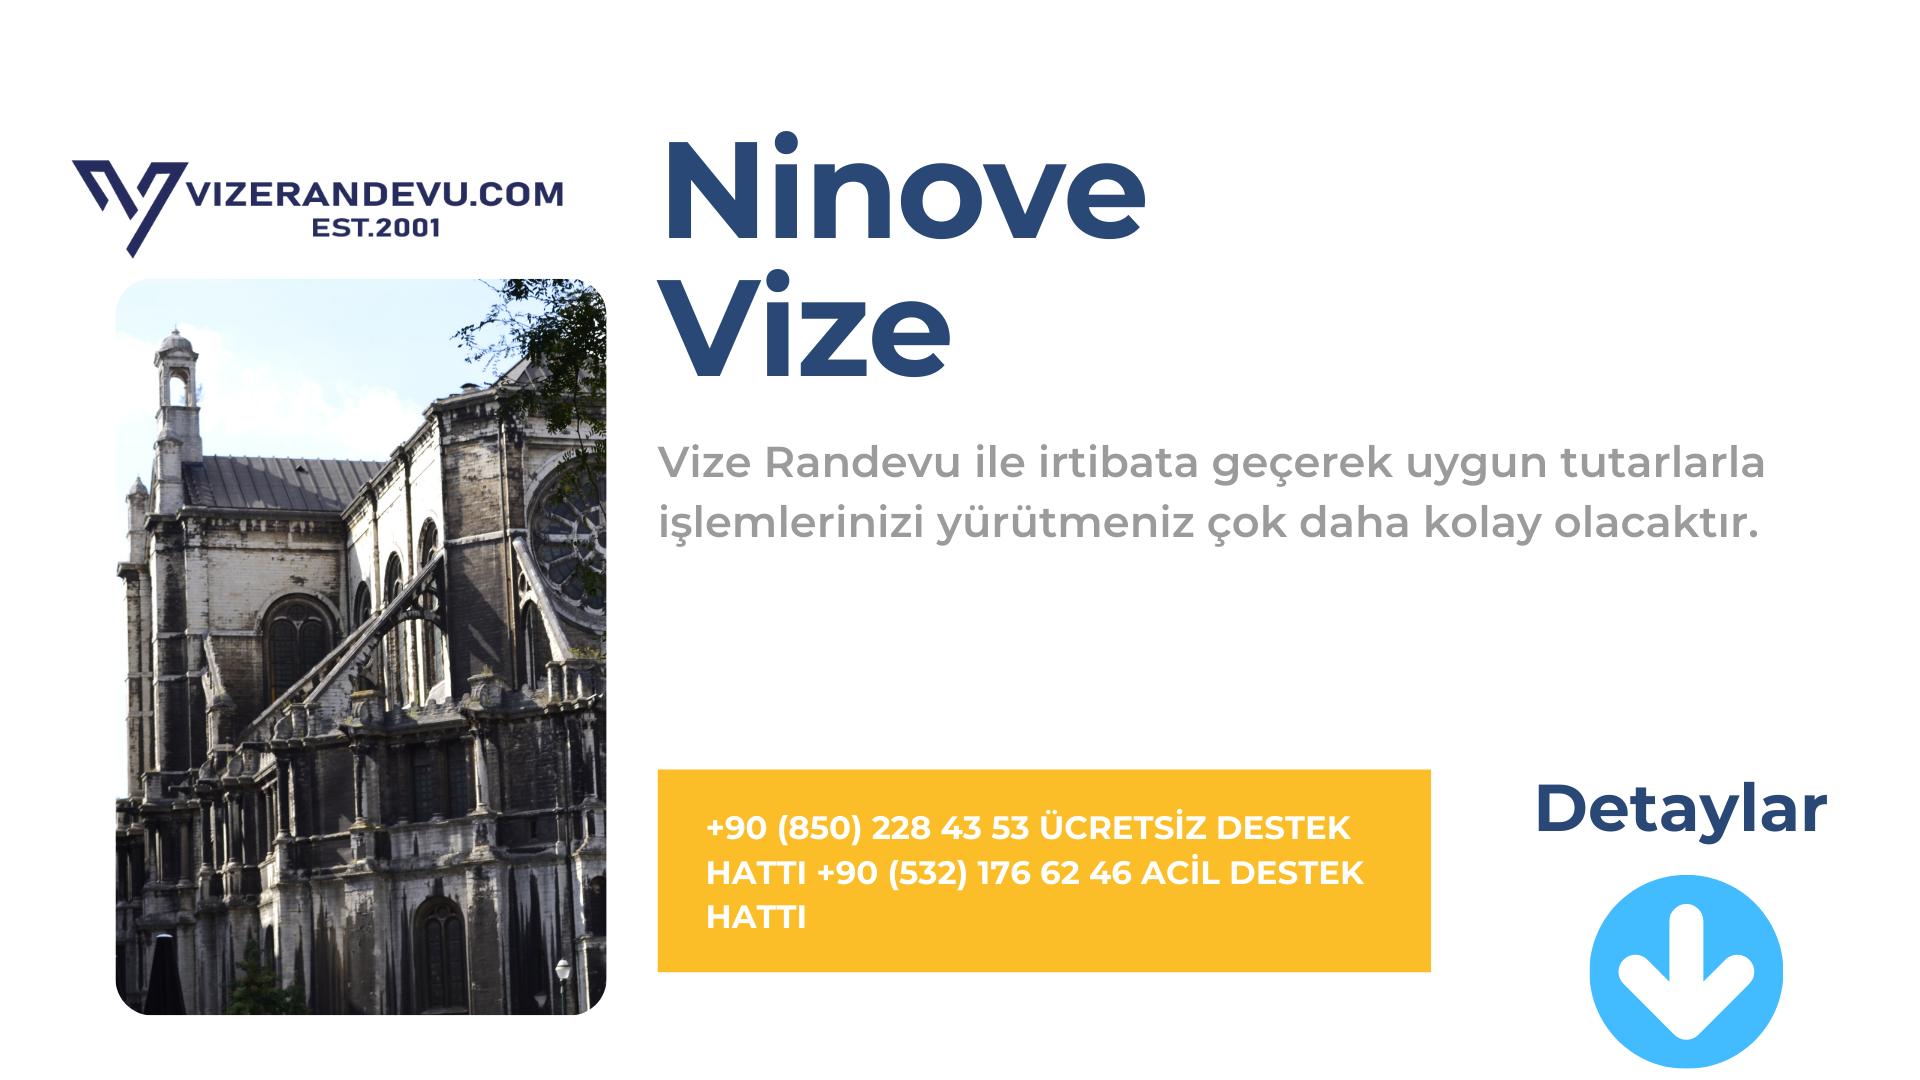 Ninove Vize